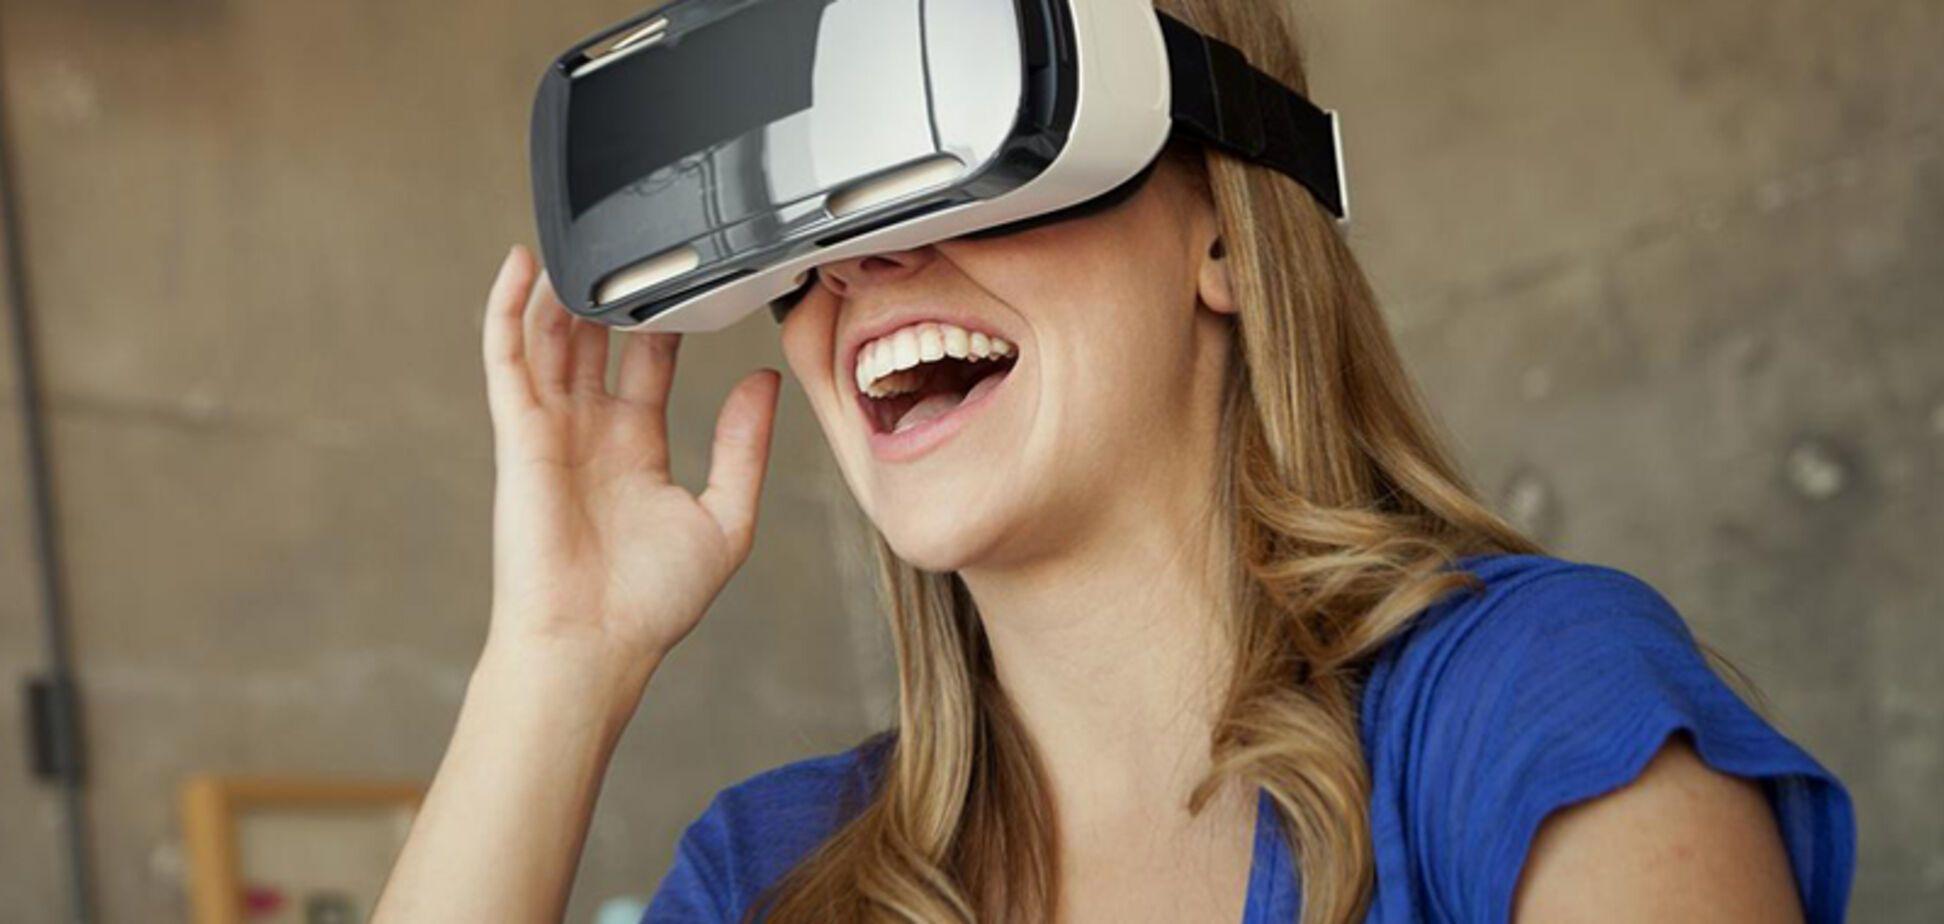 Київ покажуть у віртуальній реальності